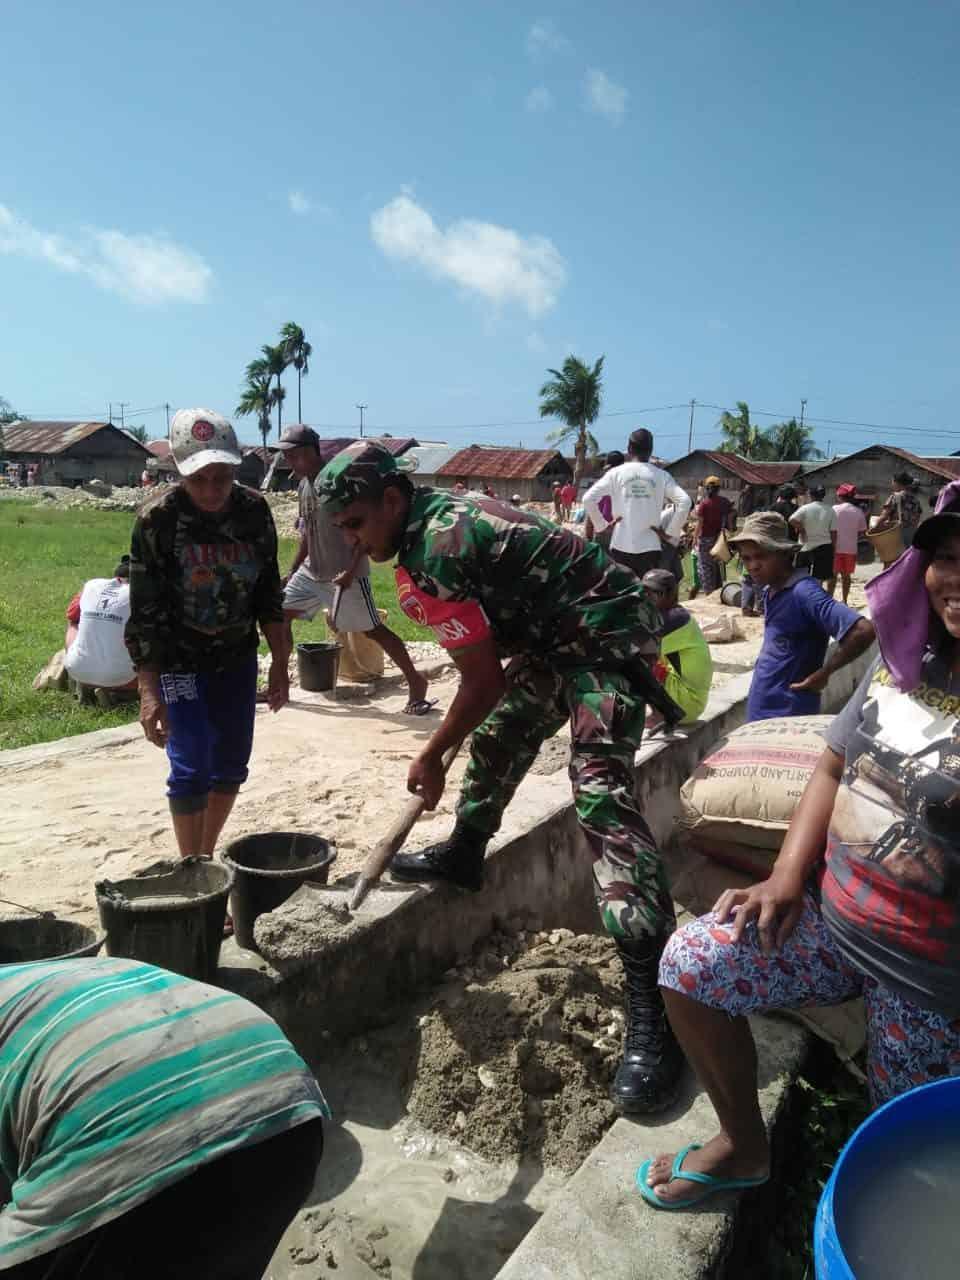 Jalin Kebersamaan, Babinsa Dan Warga Kerja Bakti Pengecoran Jalan Desa